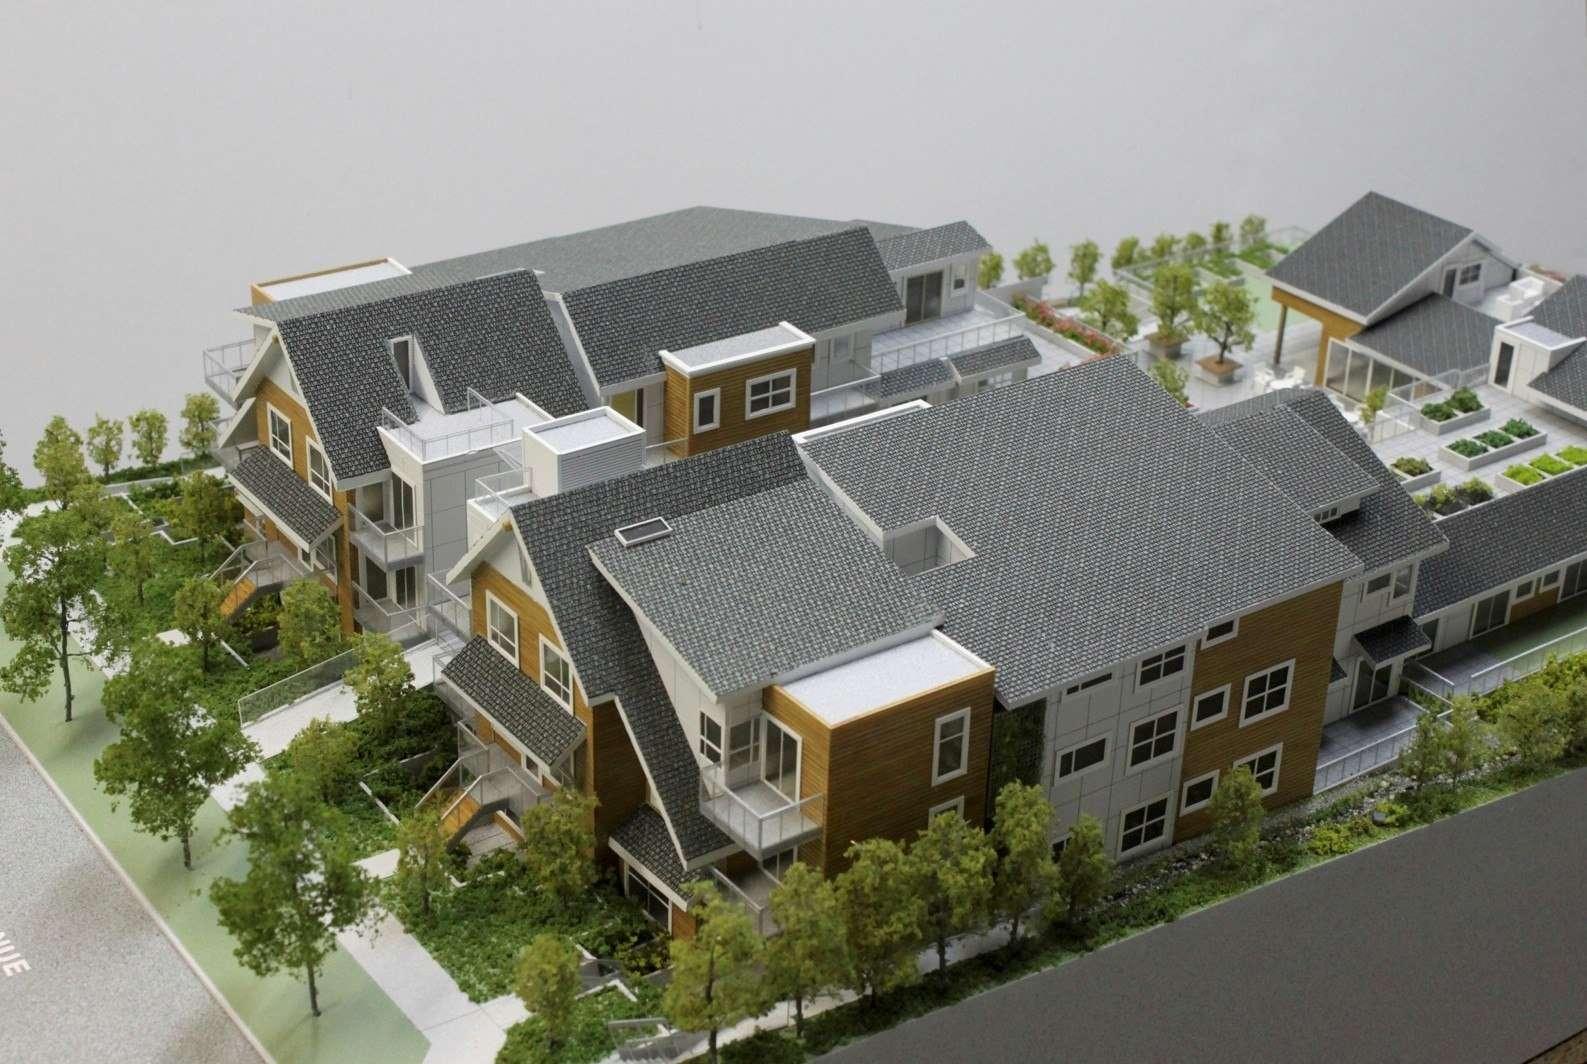 00 Vancouver cohousing model